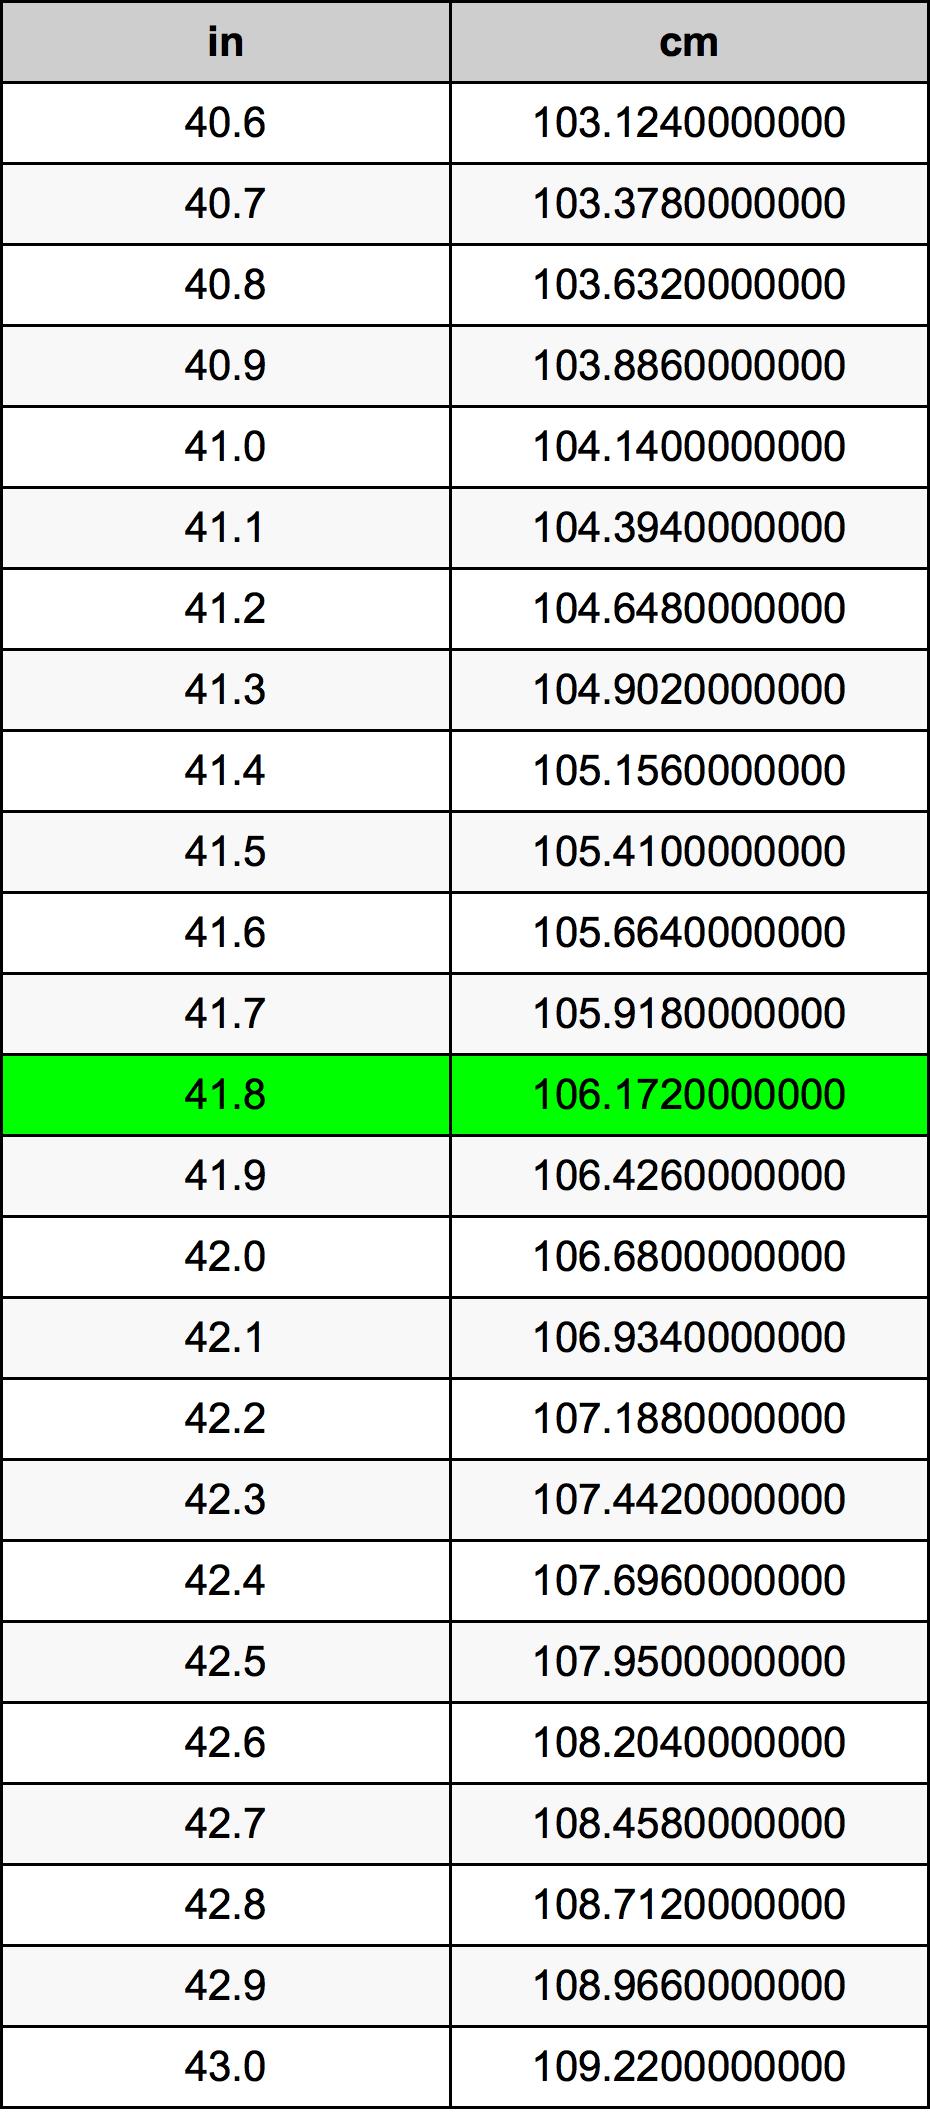 インチ センチ 41 2インチは何センチか(何cm)?3インチは何センチメートルか?4インチや5インチは何cmか?【インチをcmに直す】